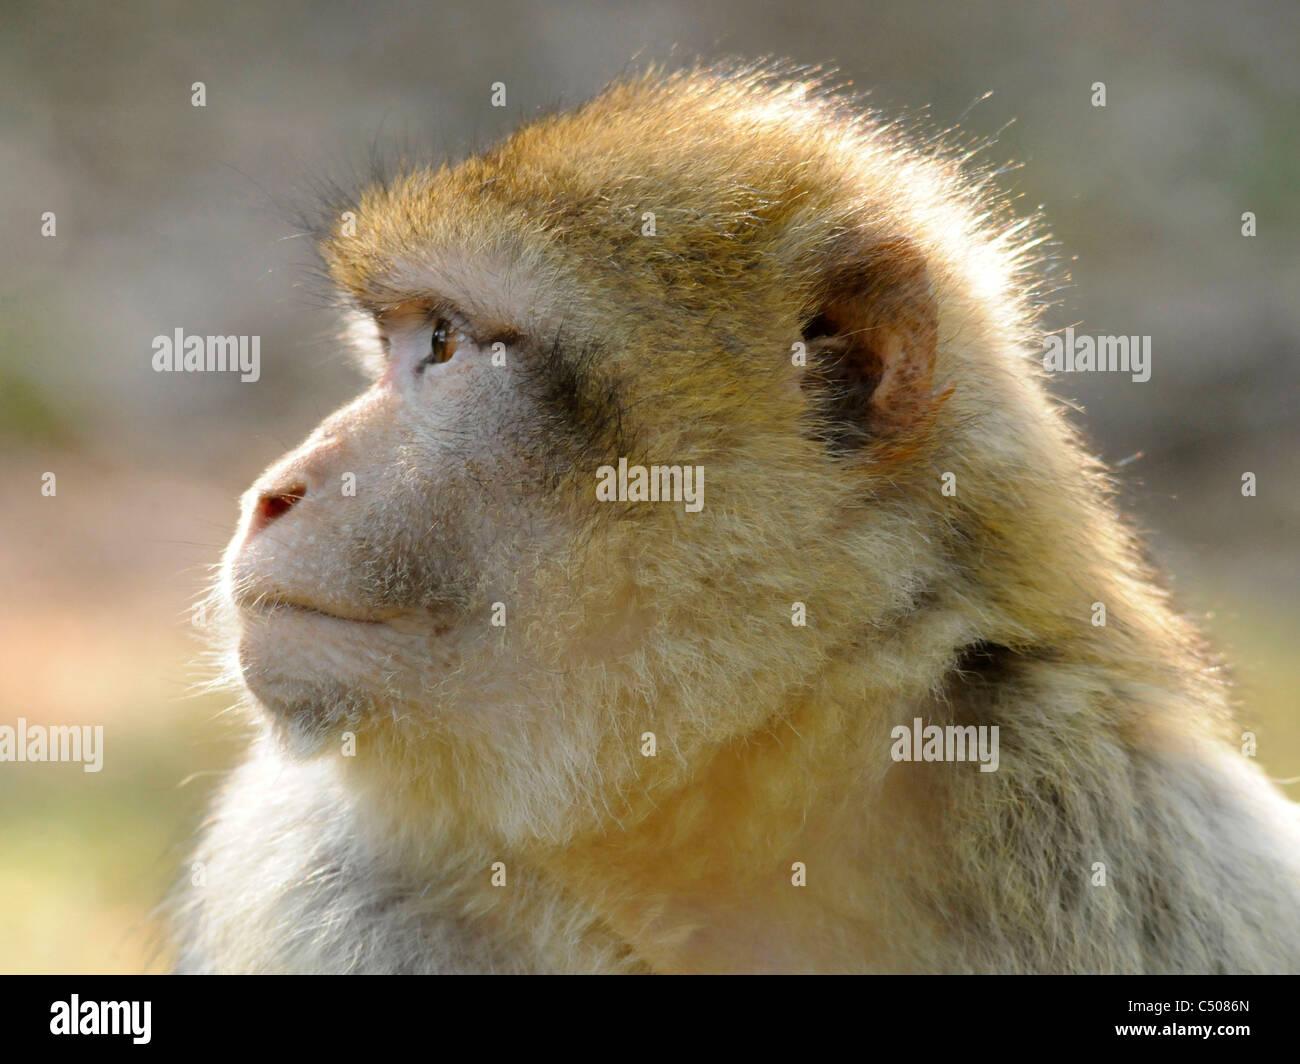 Le visage d'un singe de Barbarie aussi connu sous le nom de Silvain macaque. Photo Stock